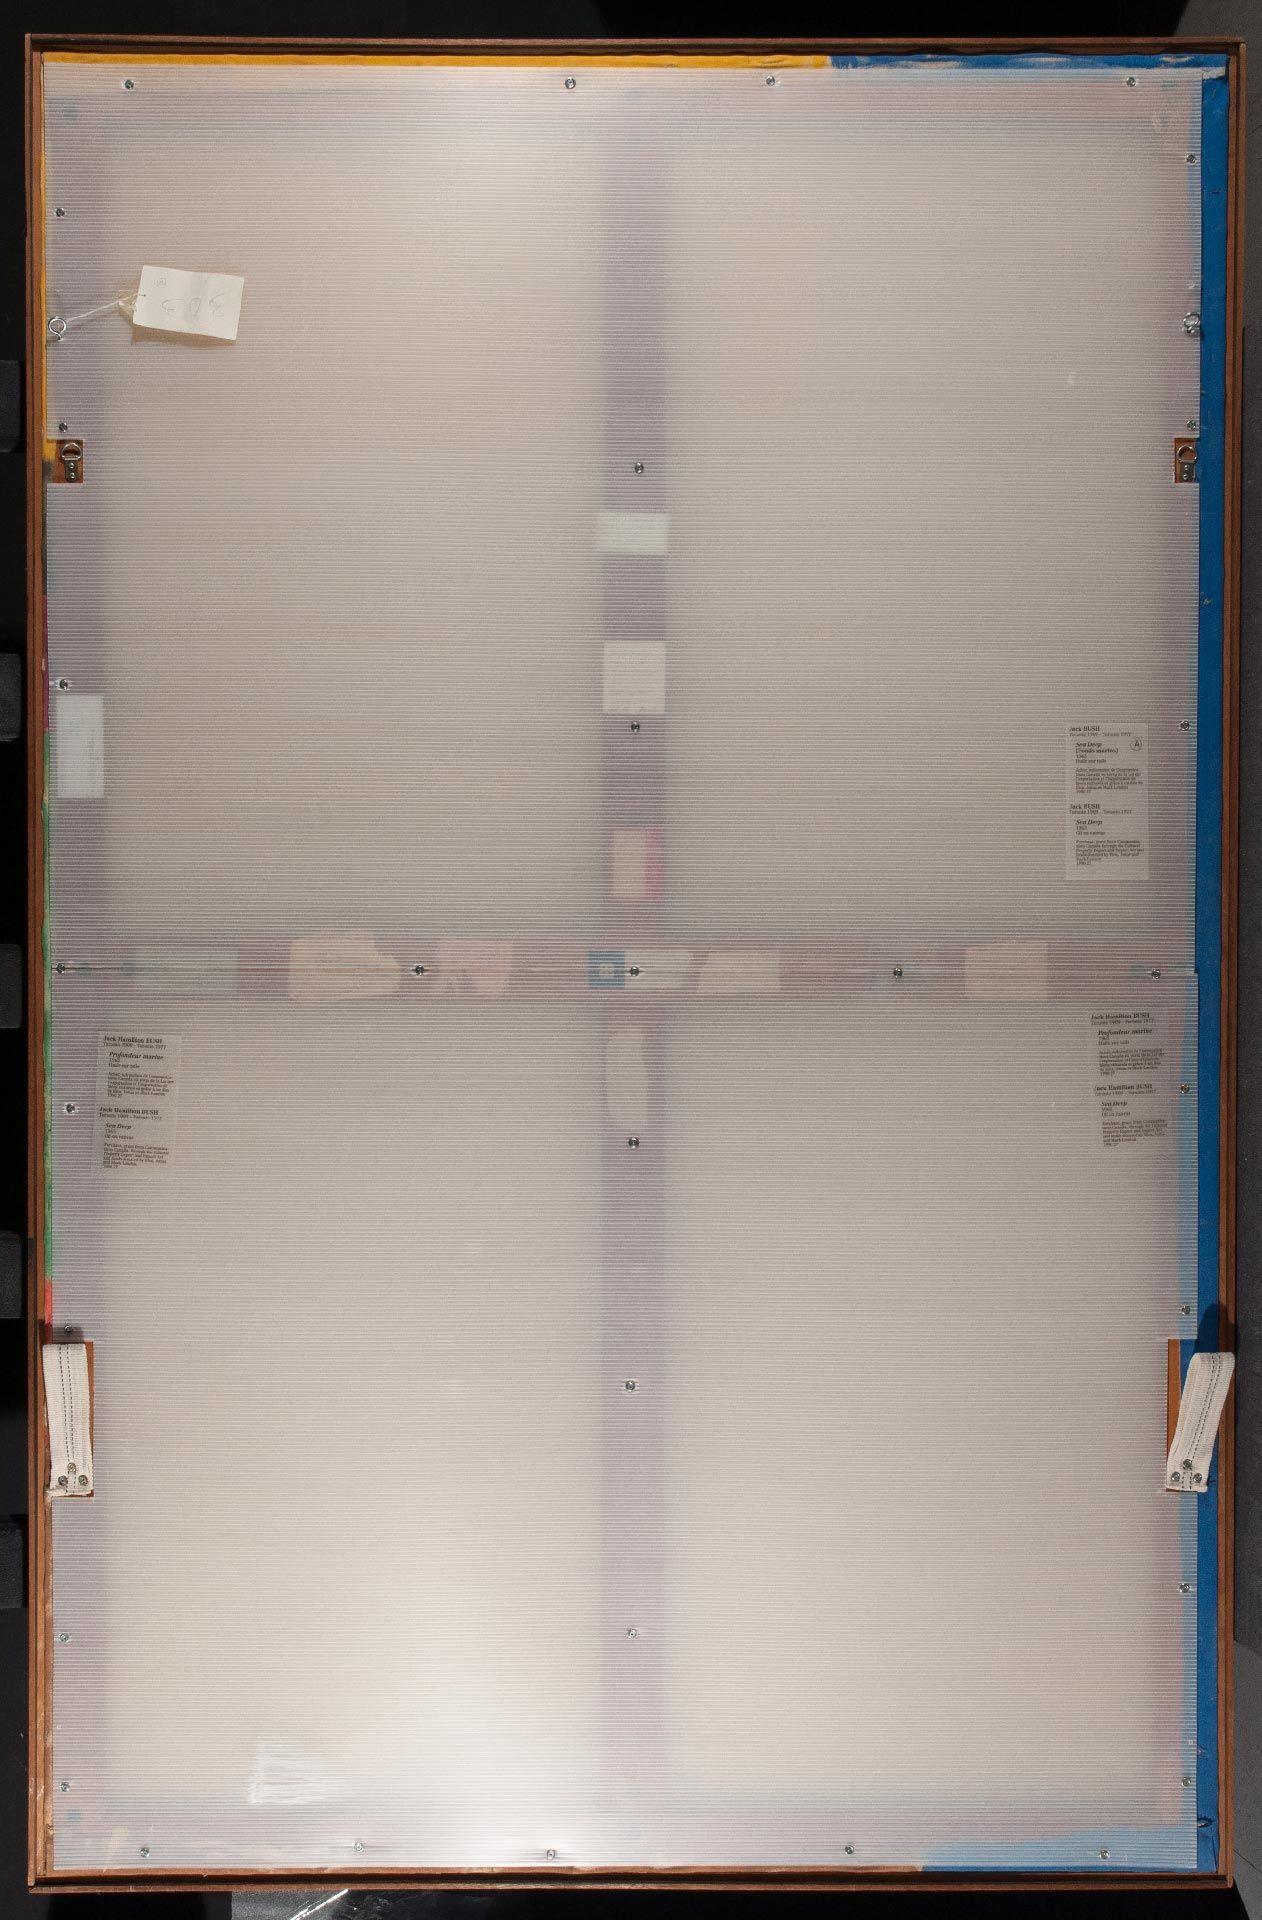 La présence d'un dos protecteur semi-rigide, vissé au dos du châssis, a empêché qu'un dommage plus grave, comme une perforation de la toile, ait lieu. Au coin bas inférieur, un renflement du panneau cannelé est visible au point d'impact.